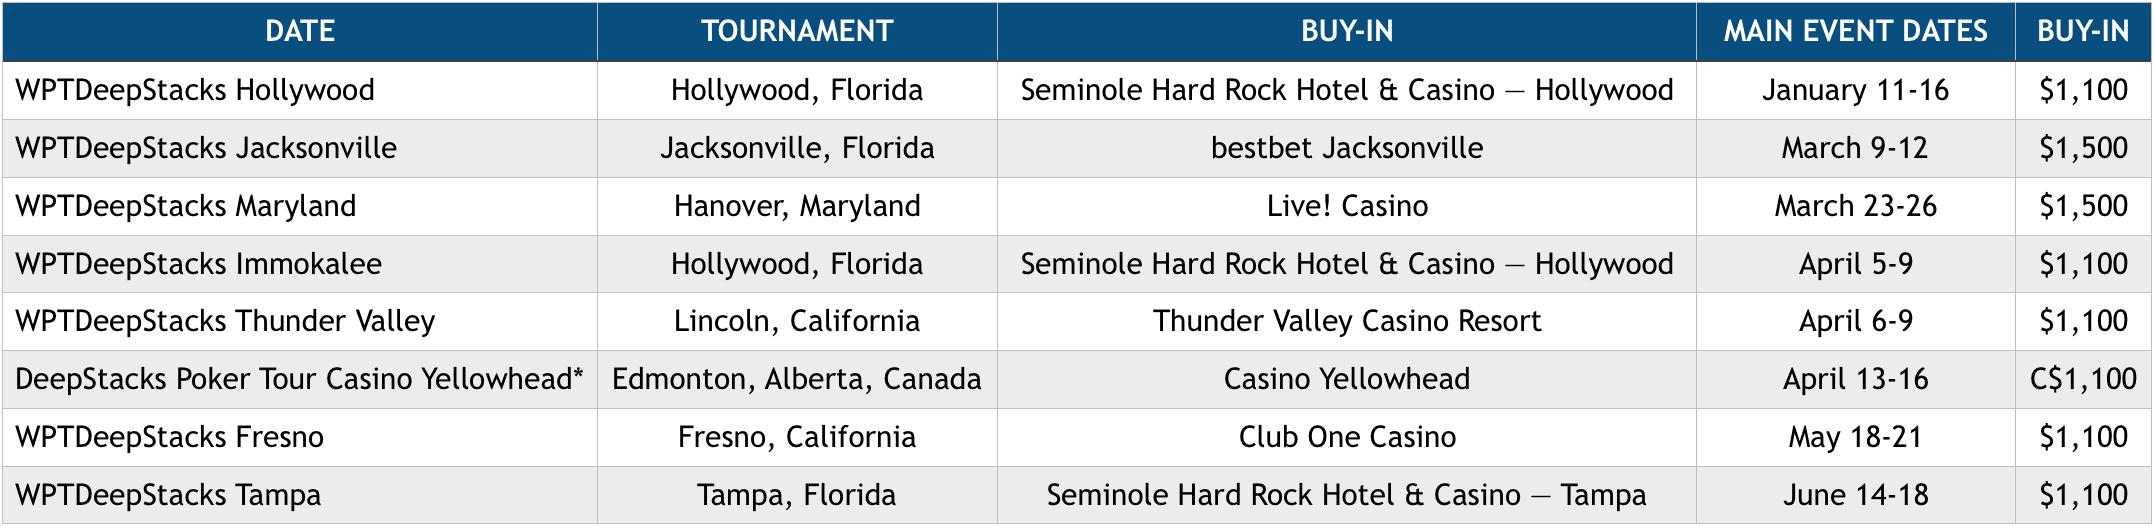 WPTDeepStacks Schedule